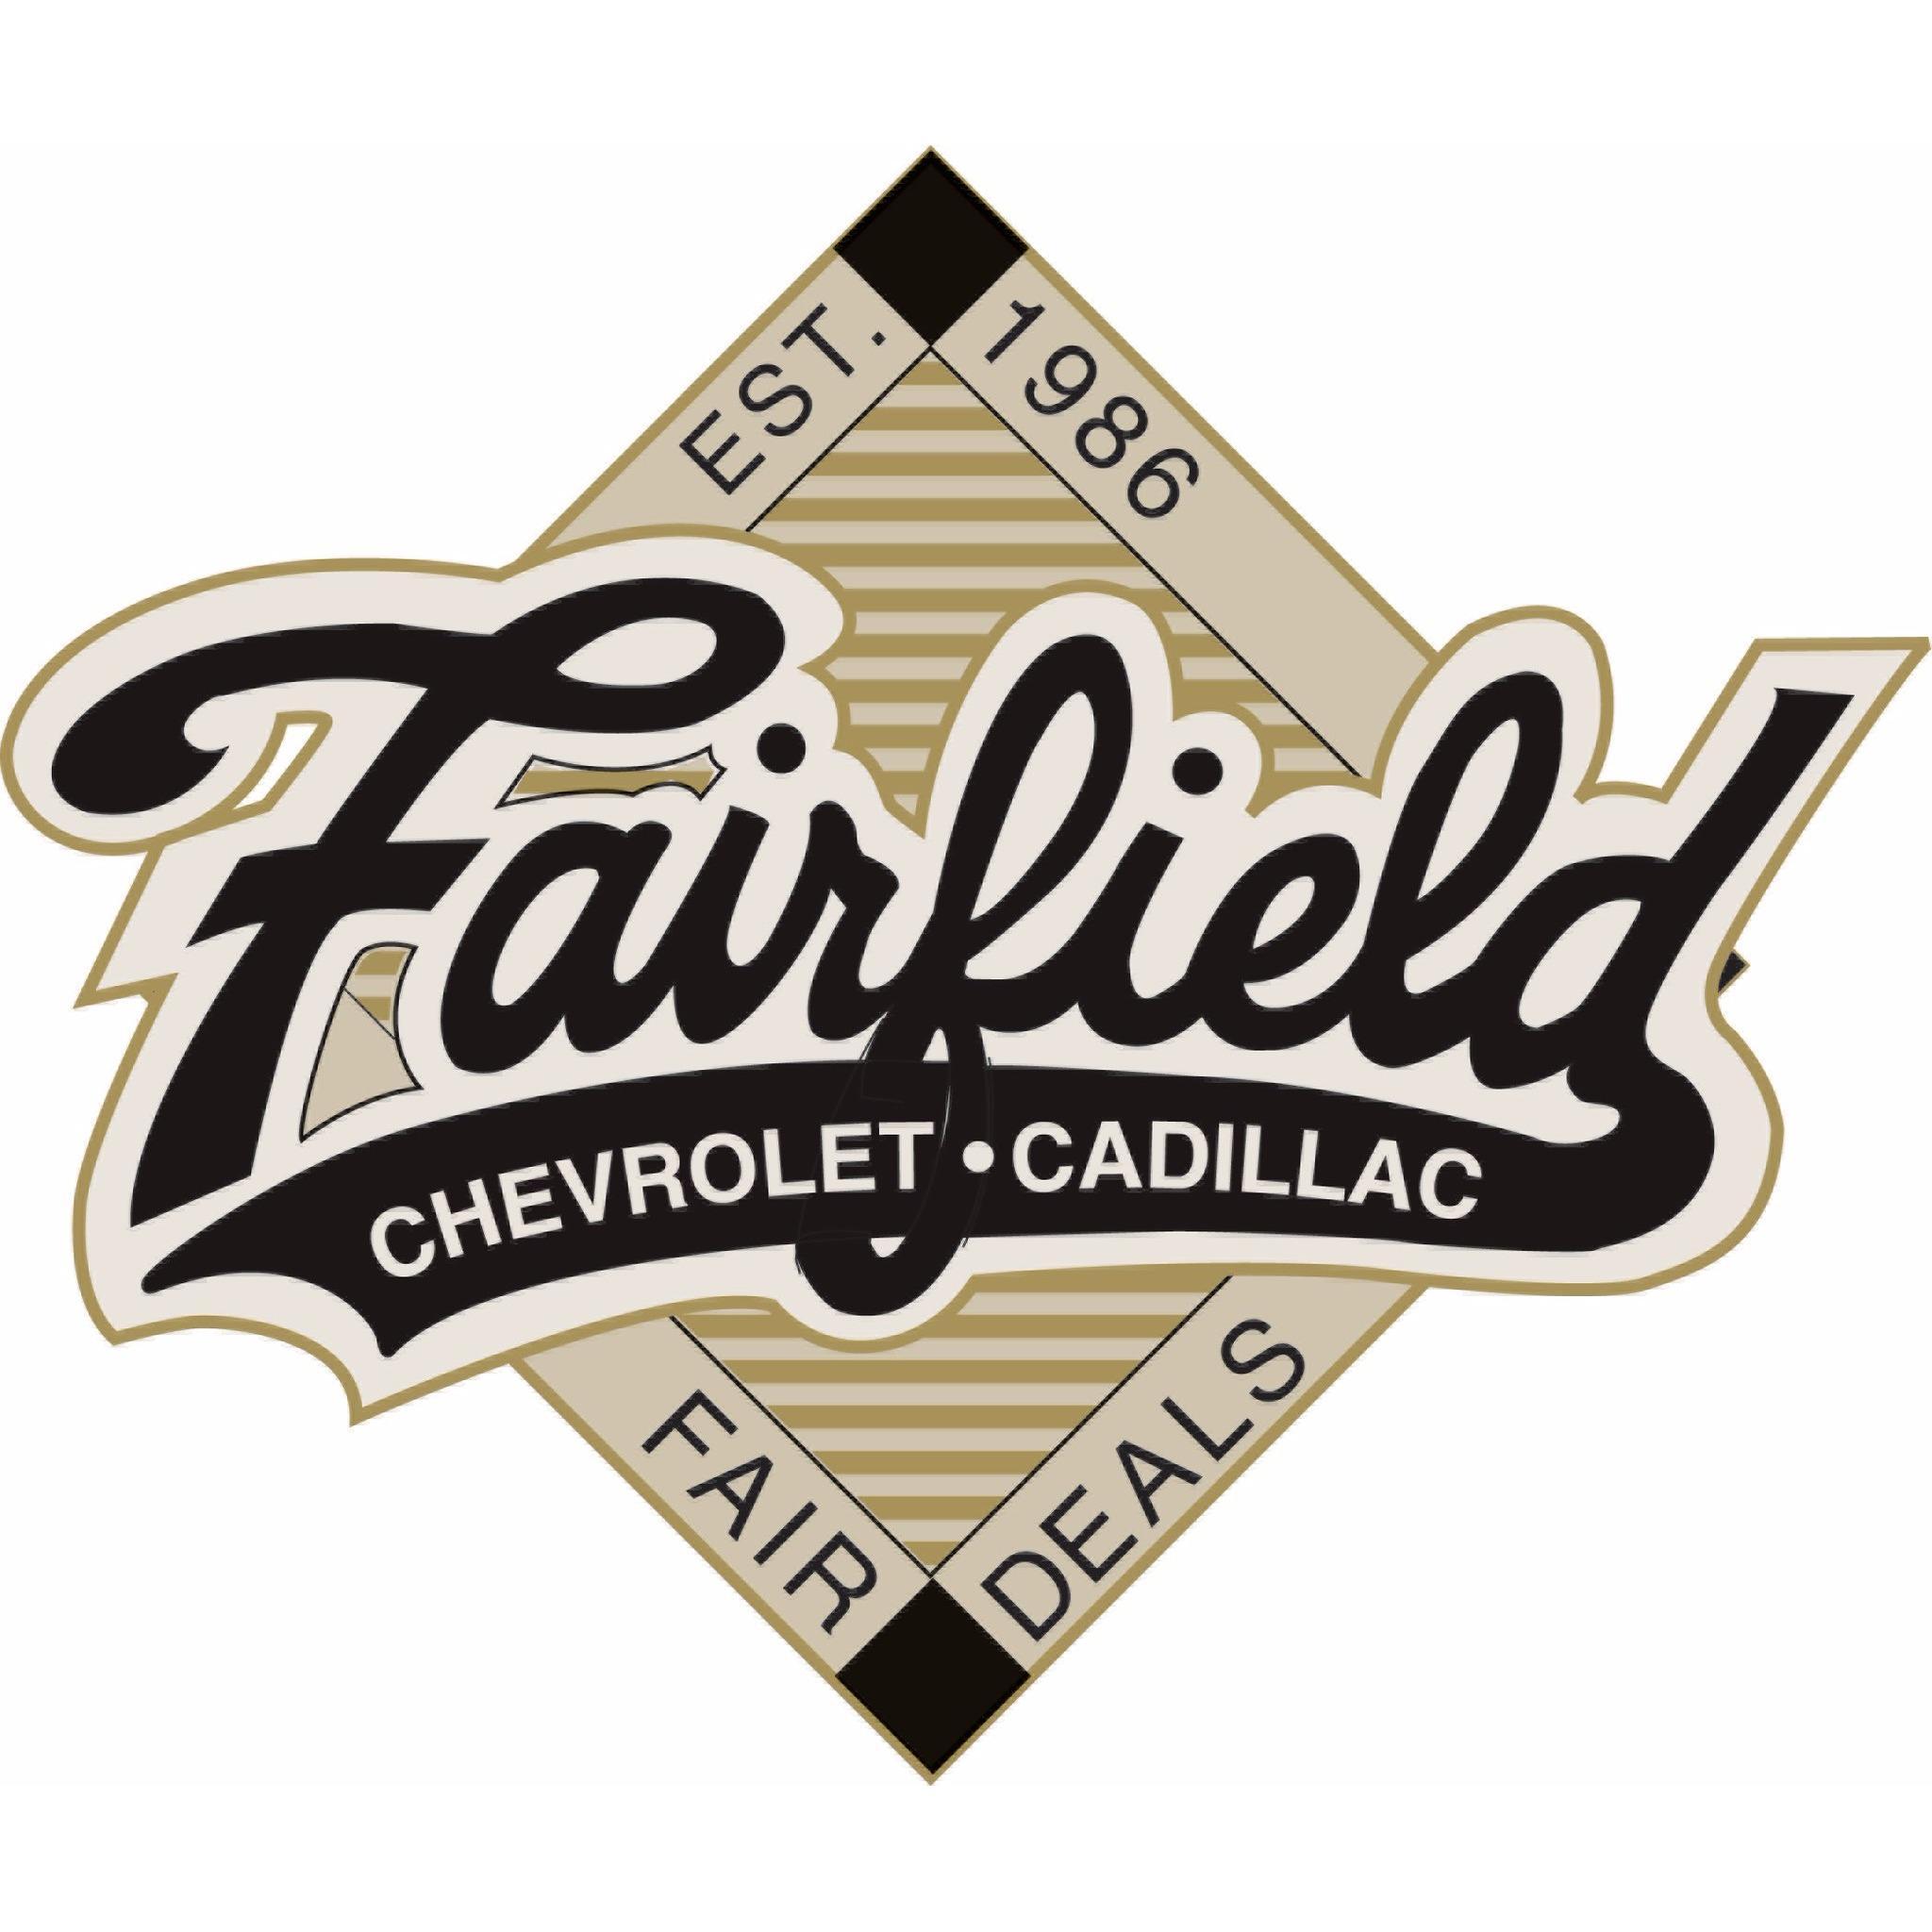 Fairfield Chevrolet - Lewisburg, PA - Auto Dealers